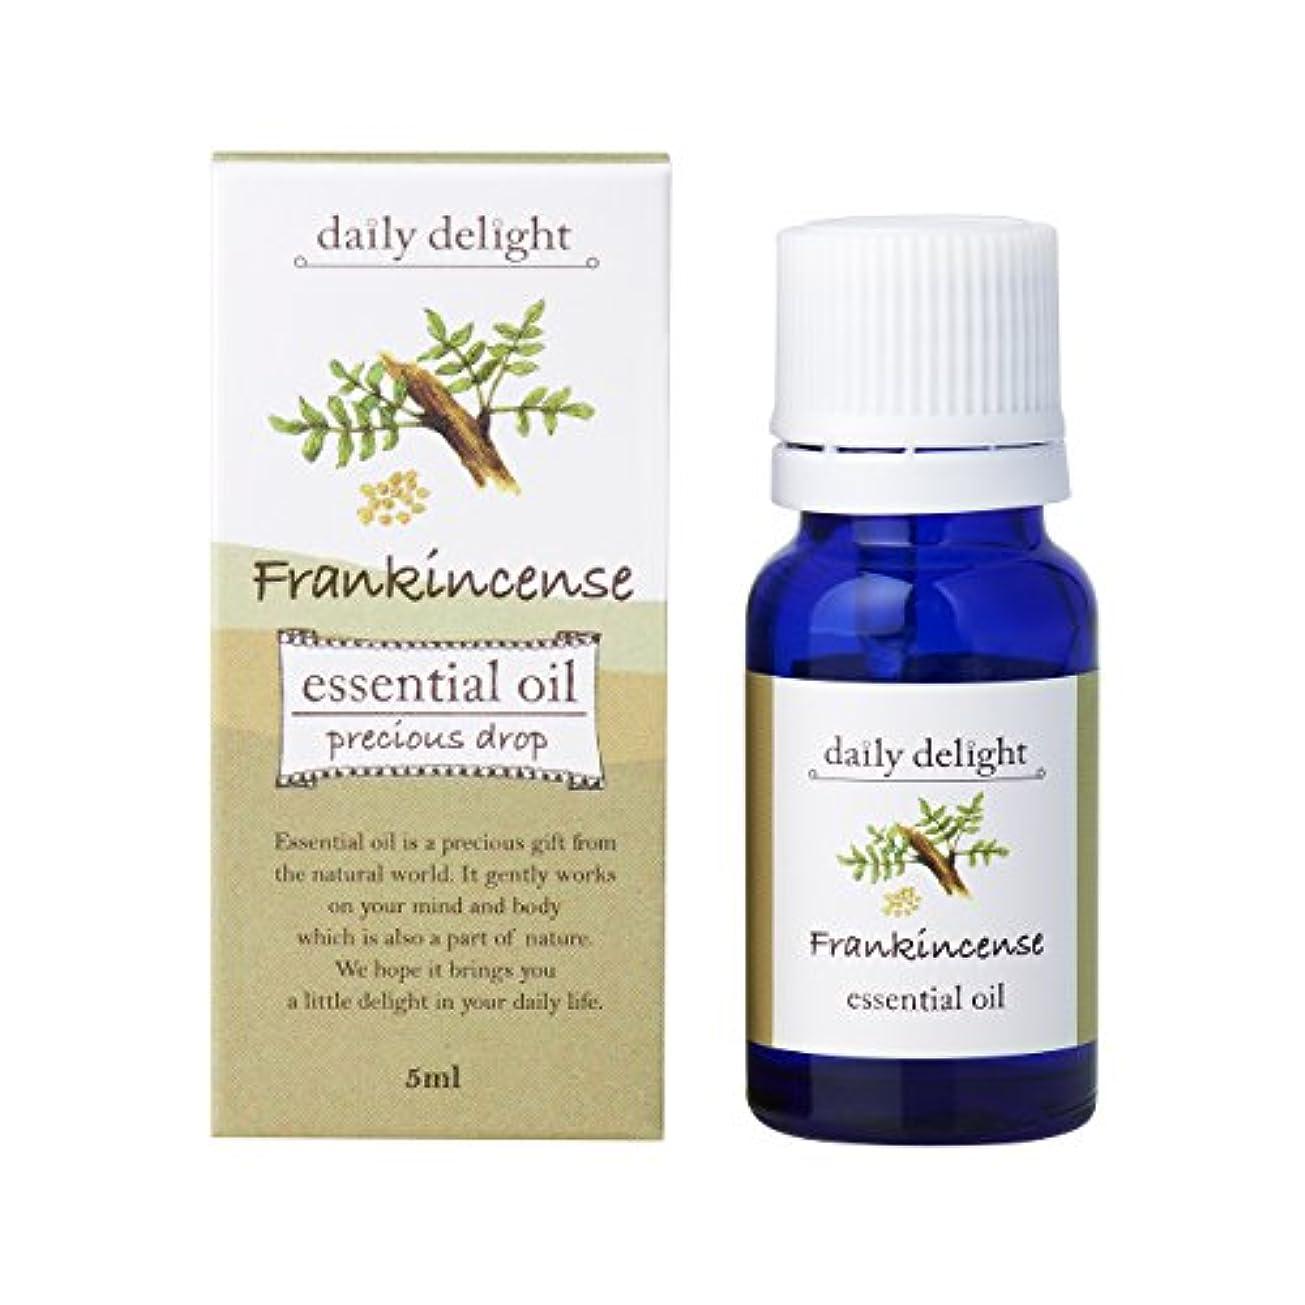 ケープトチの実の木反発デイリーディライト エッセンシャルオイル フランキンセンス 5ml(天然100% 精油 アロマ 樹脂系 樹脂から採れるさわやかな木の香り)